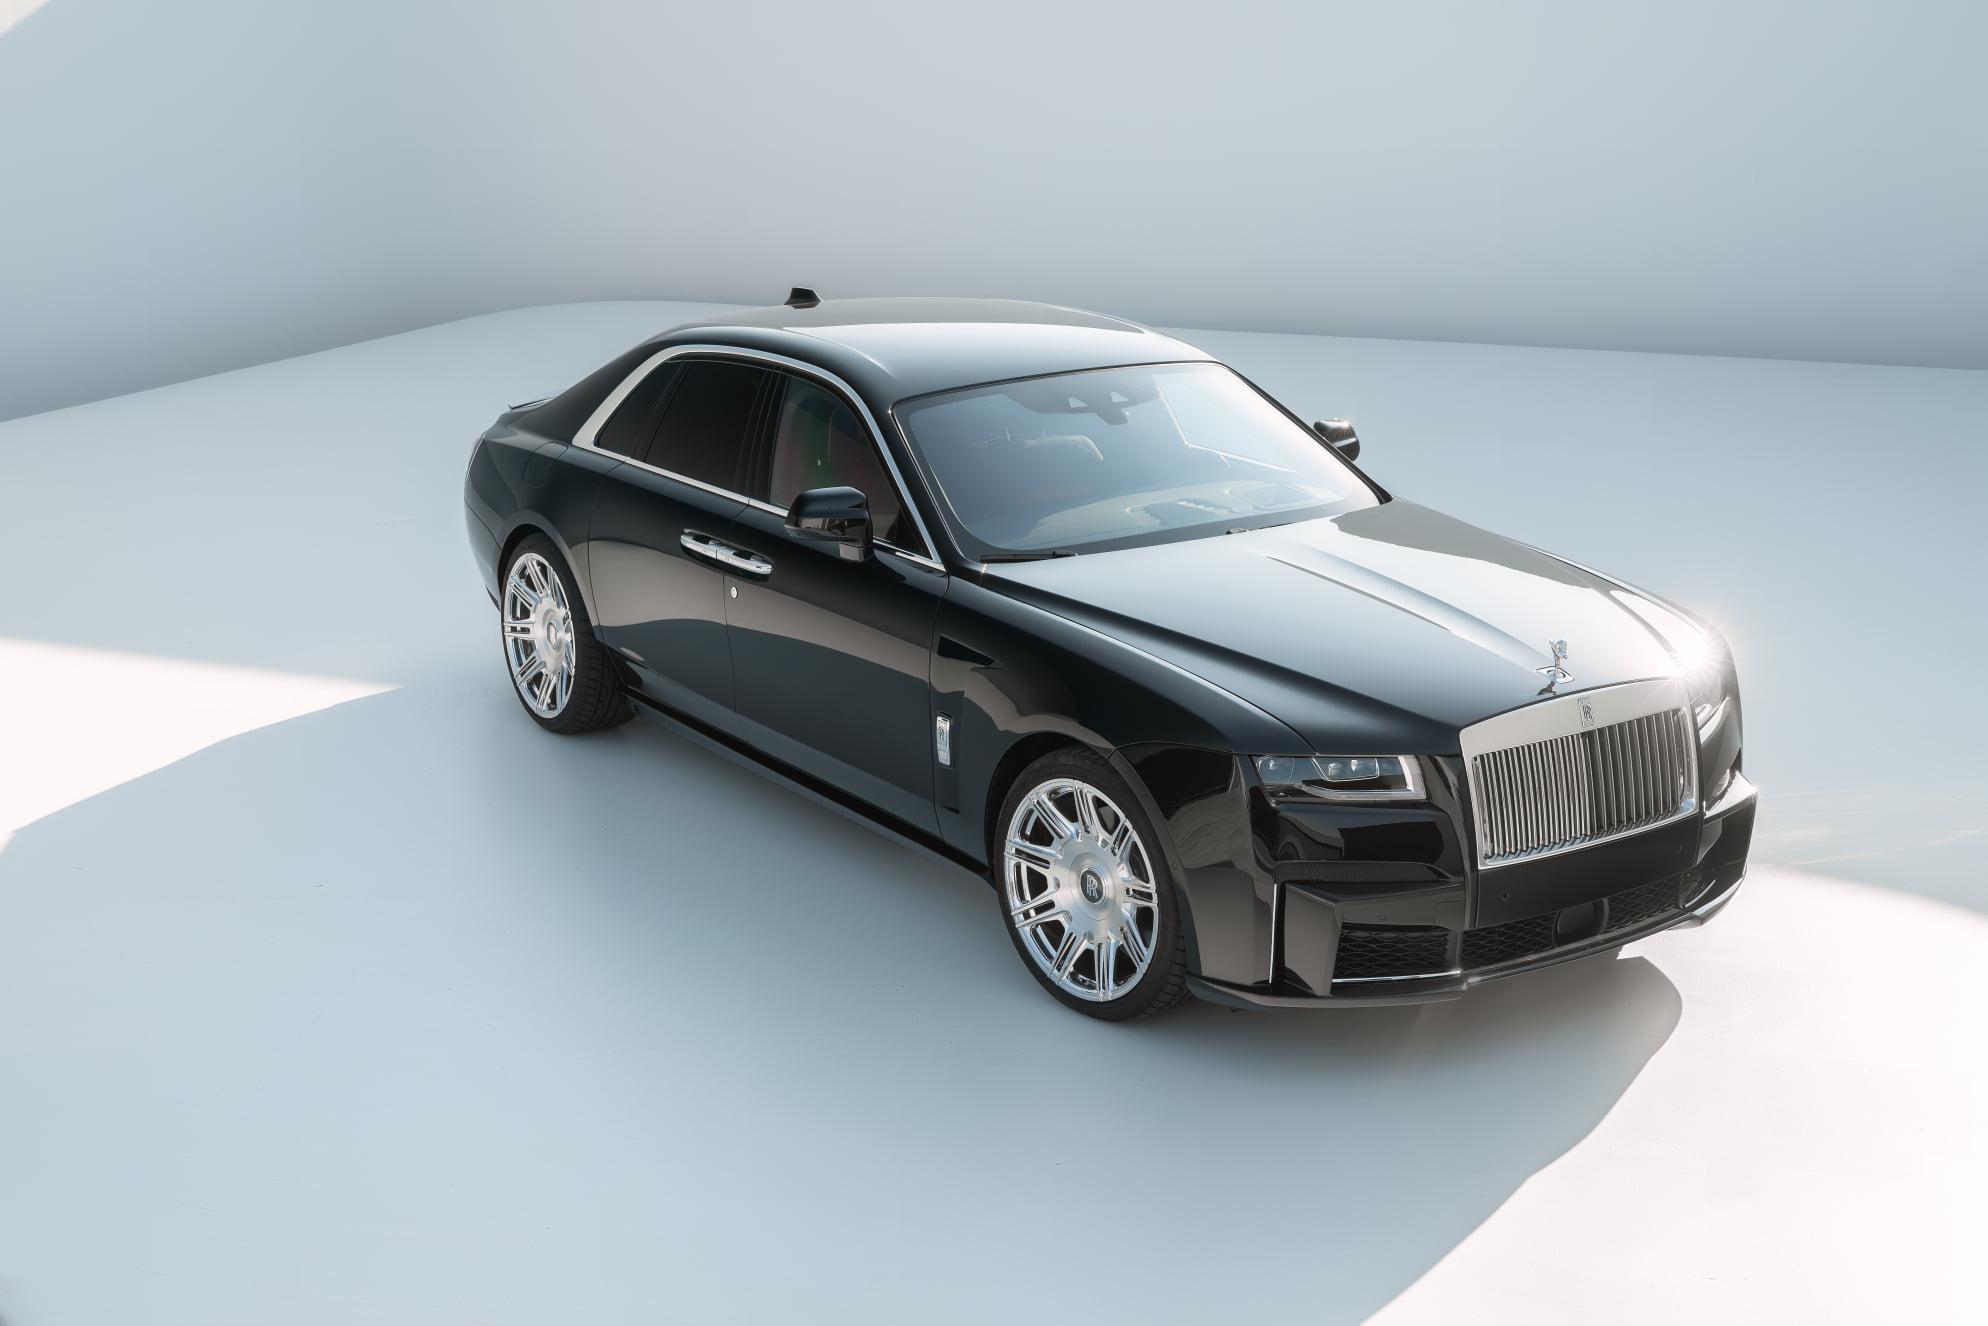 Rolls-Royce-Ghost-by-Spofec-1